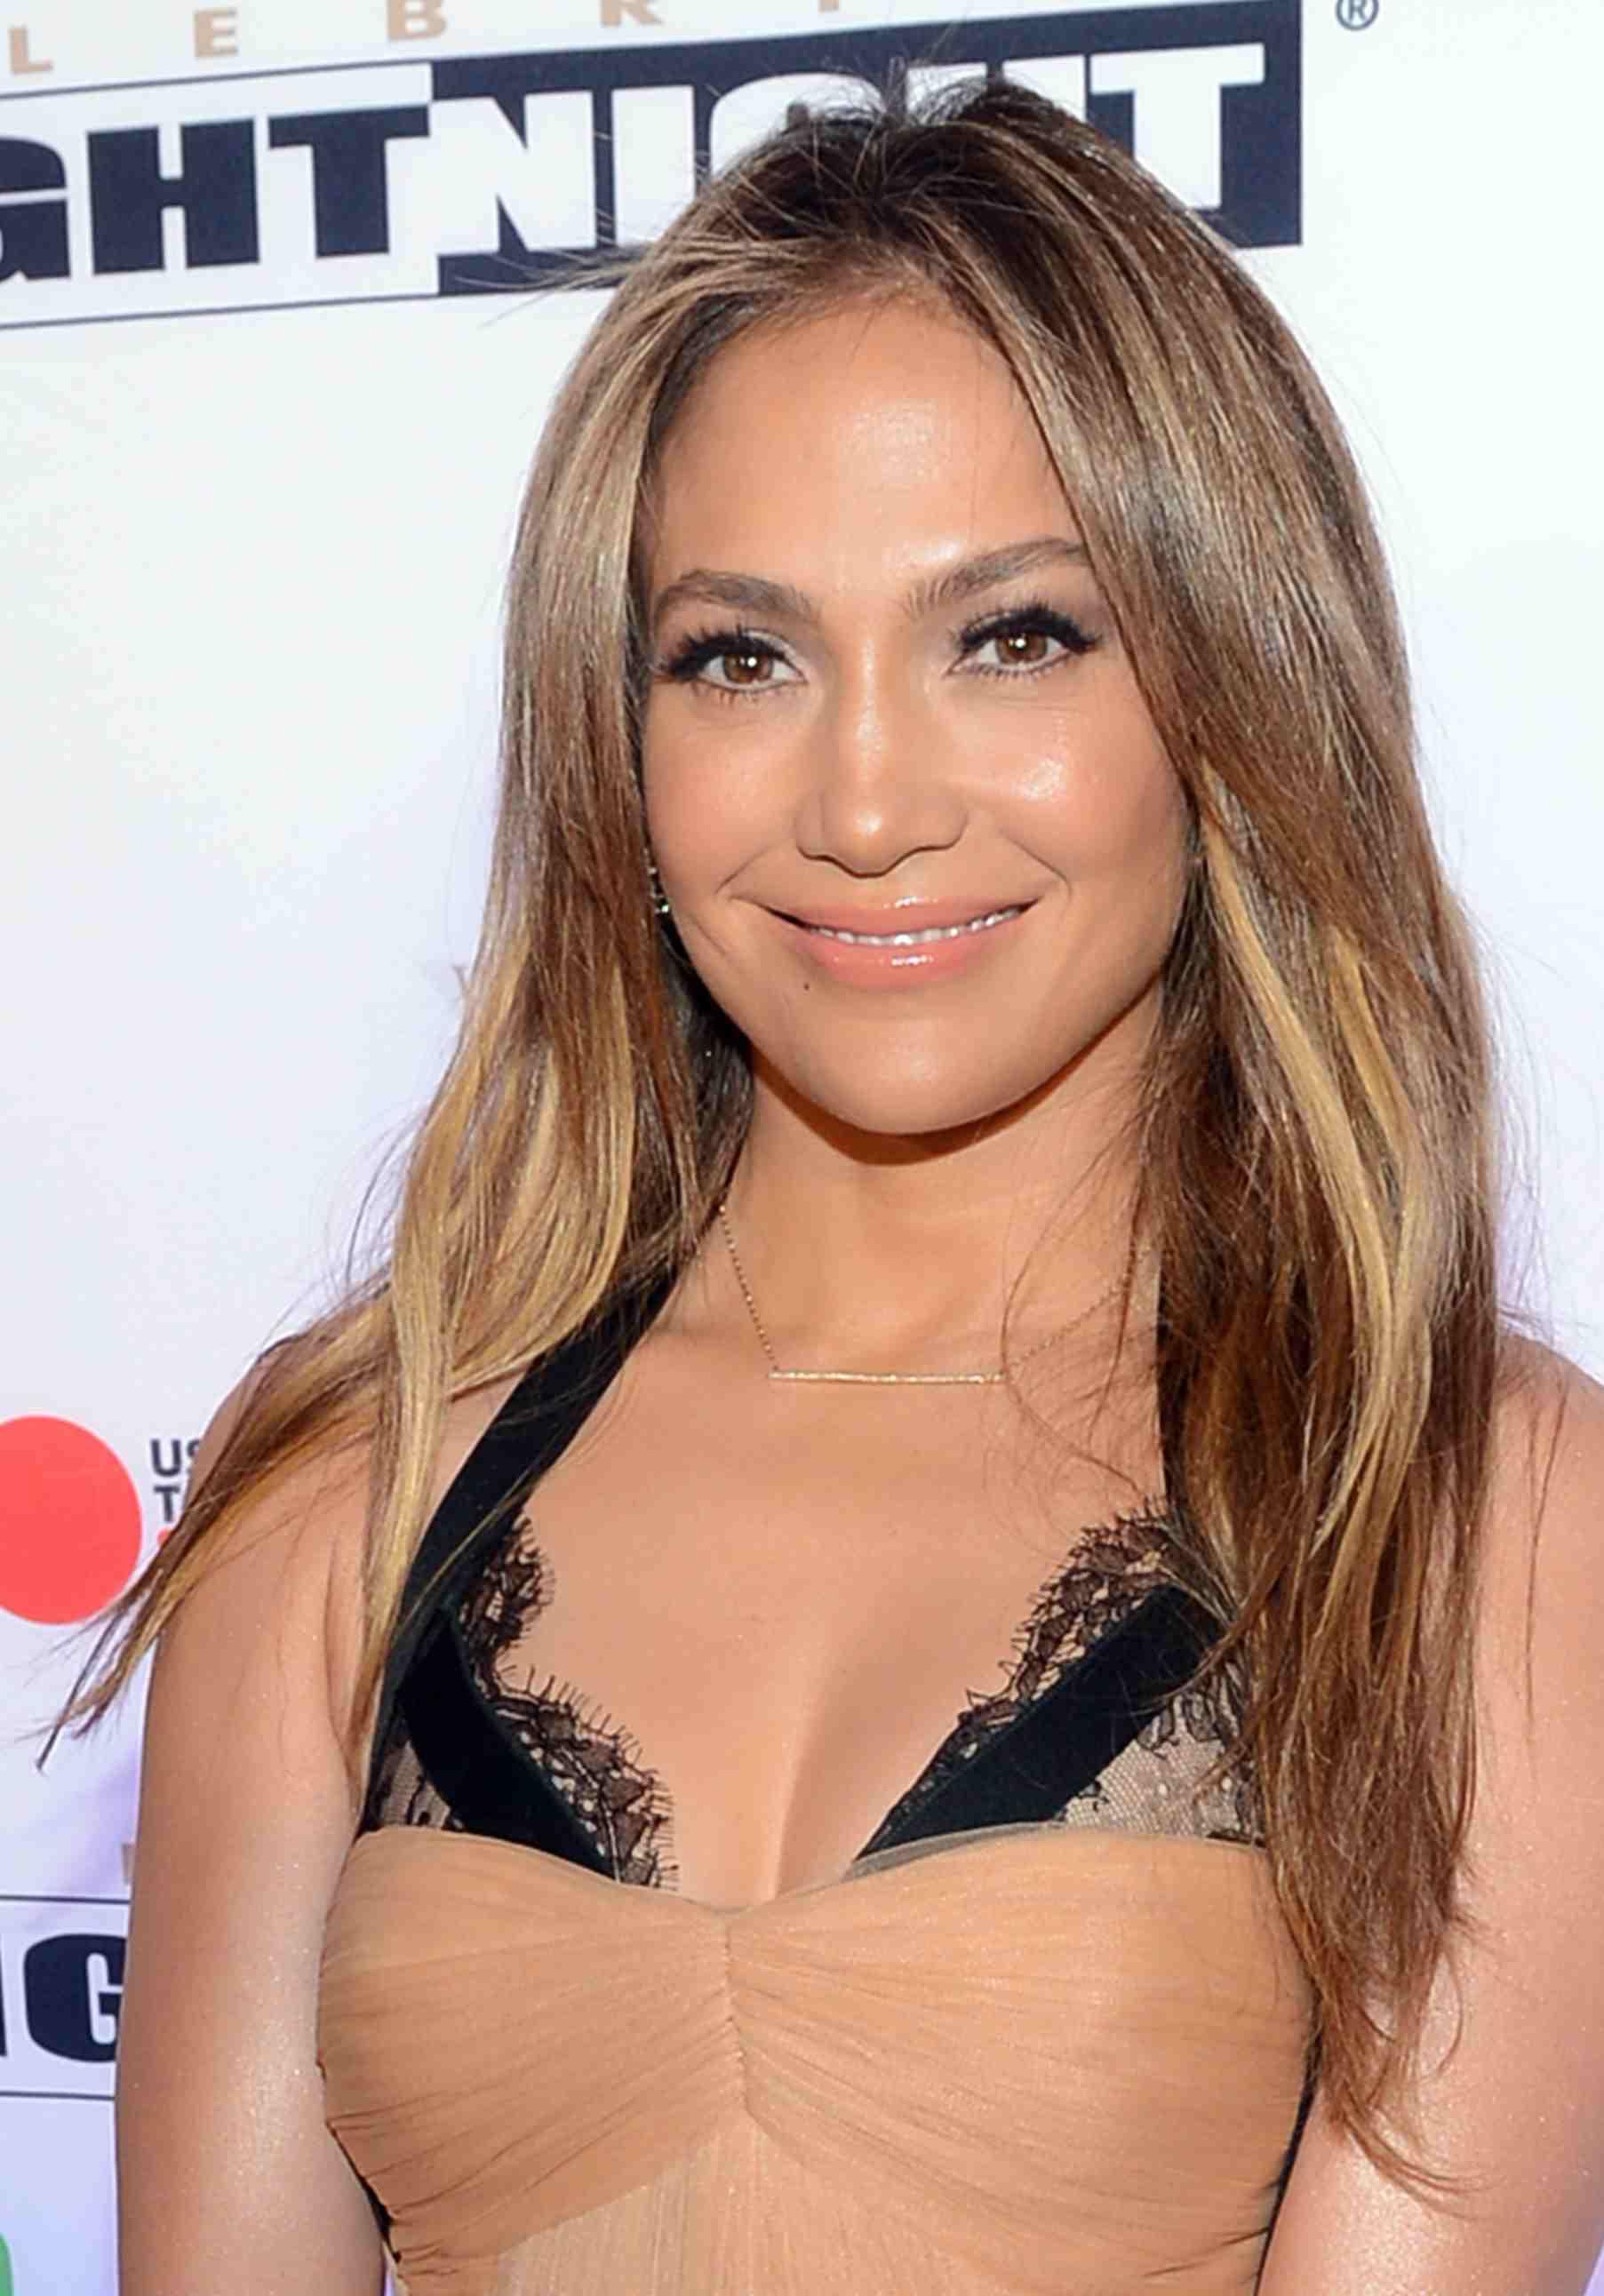 Jennifer Lopez in March 2013